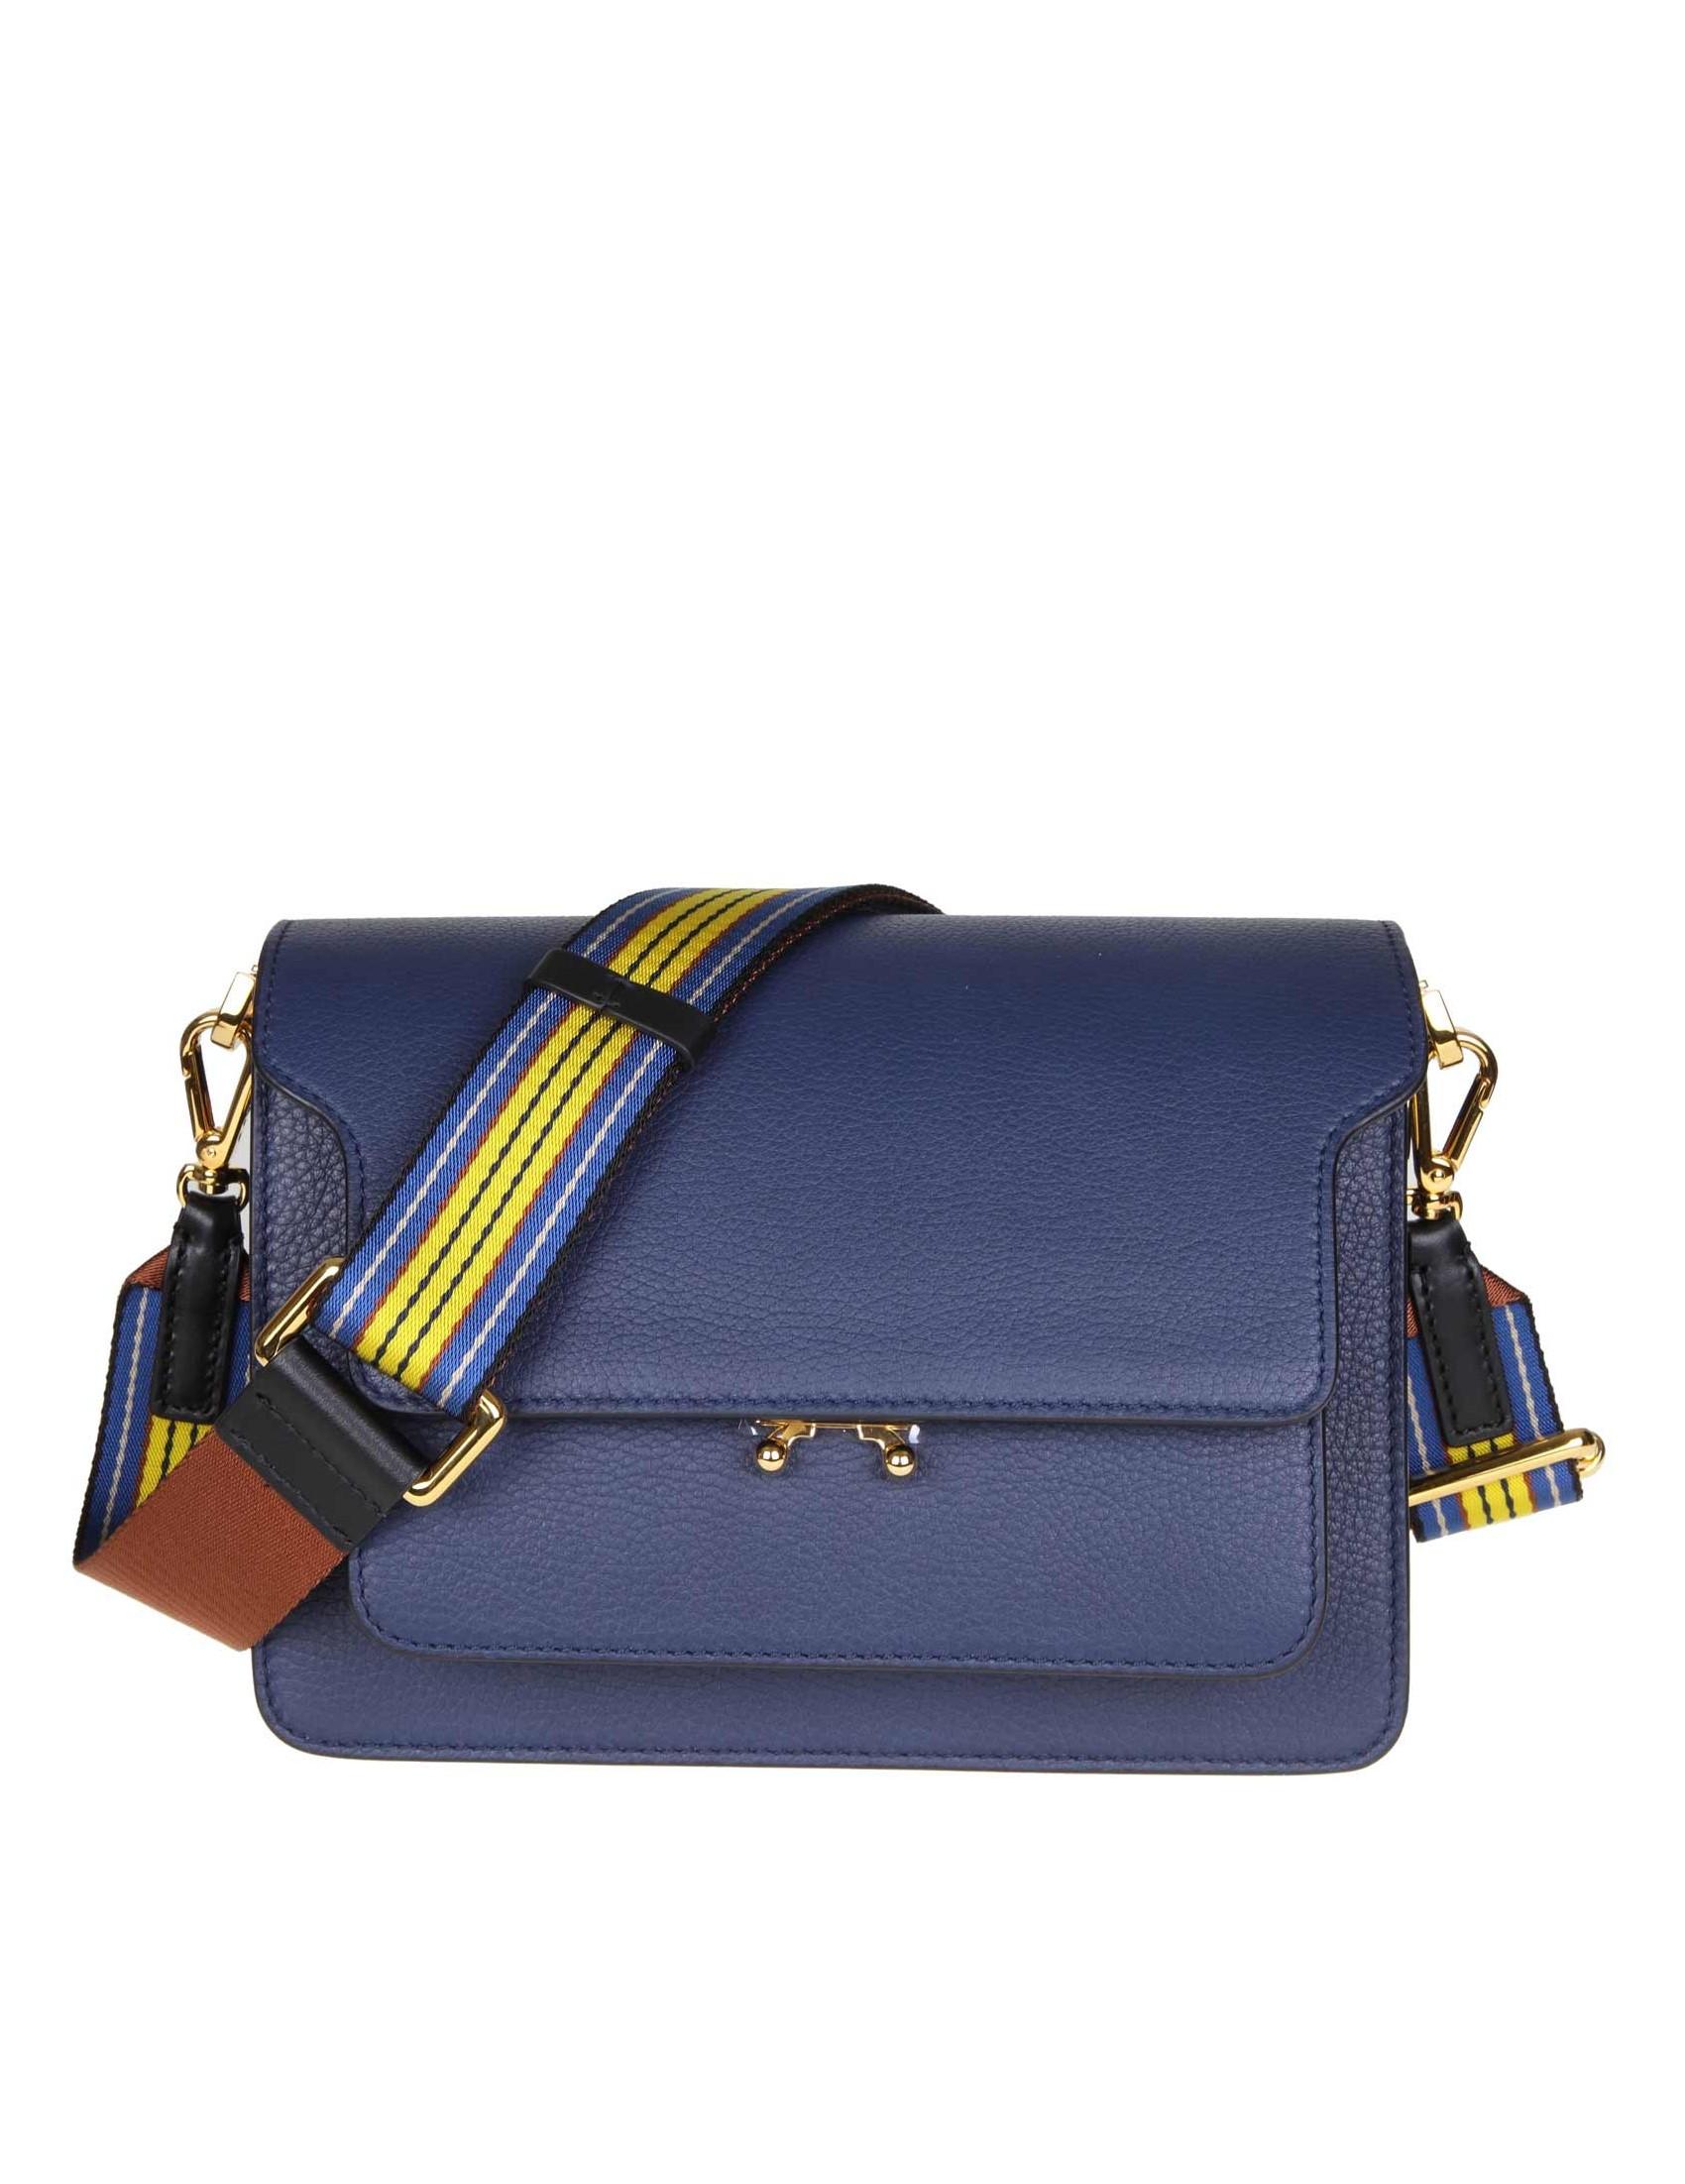 shoulder bag. Adjustable fabric shoulder strap. Blue color. Lock with  pressure mechanism. A pocket under the flap. A pocket on the back. Two  internal ... e58195625b043